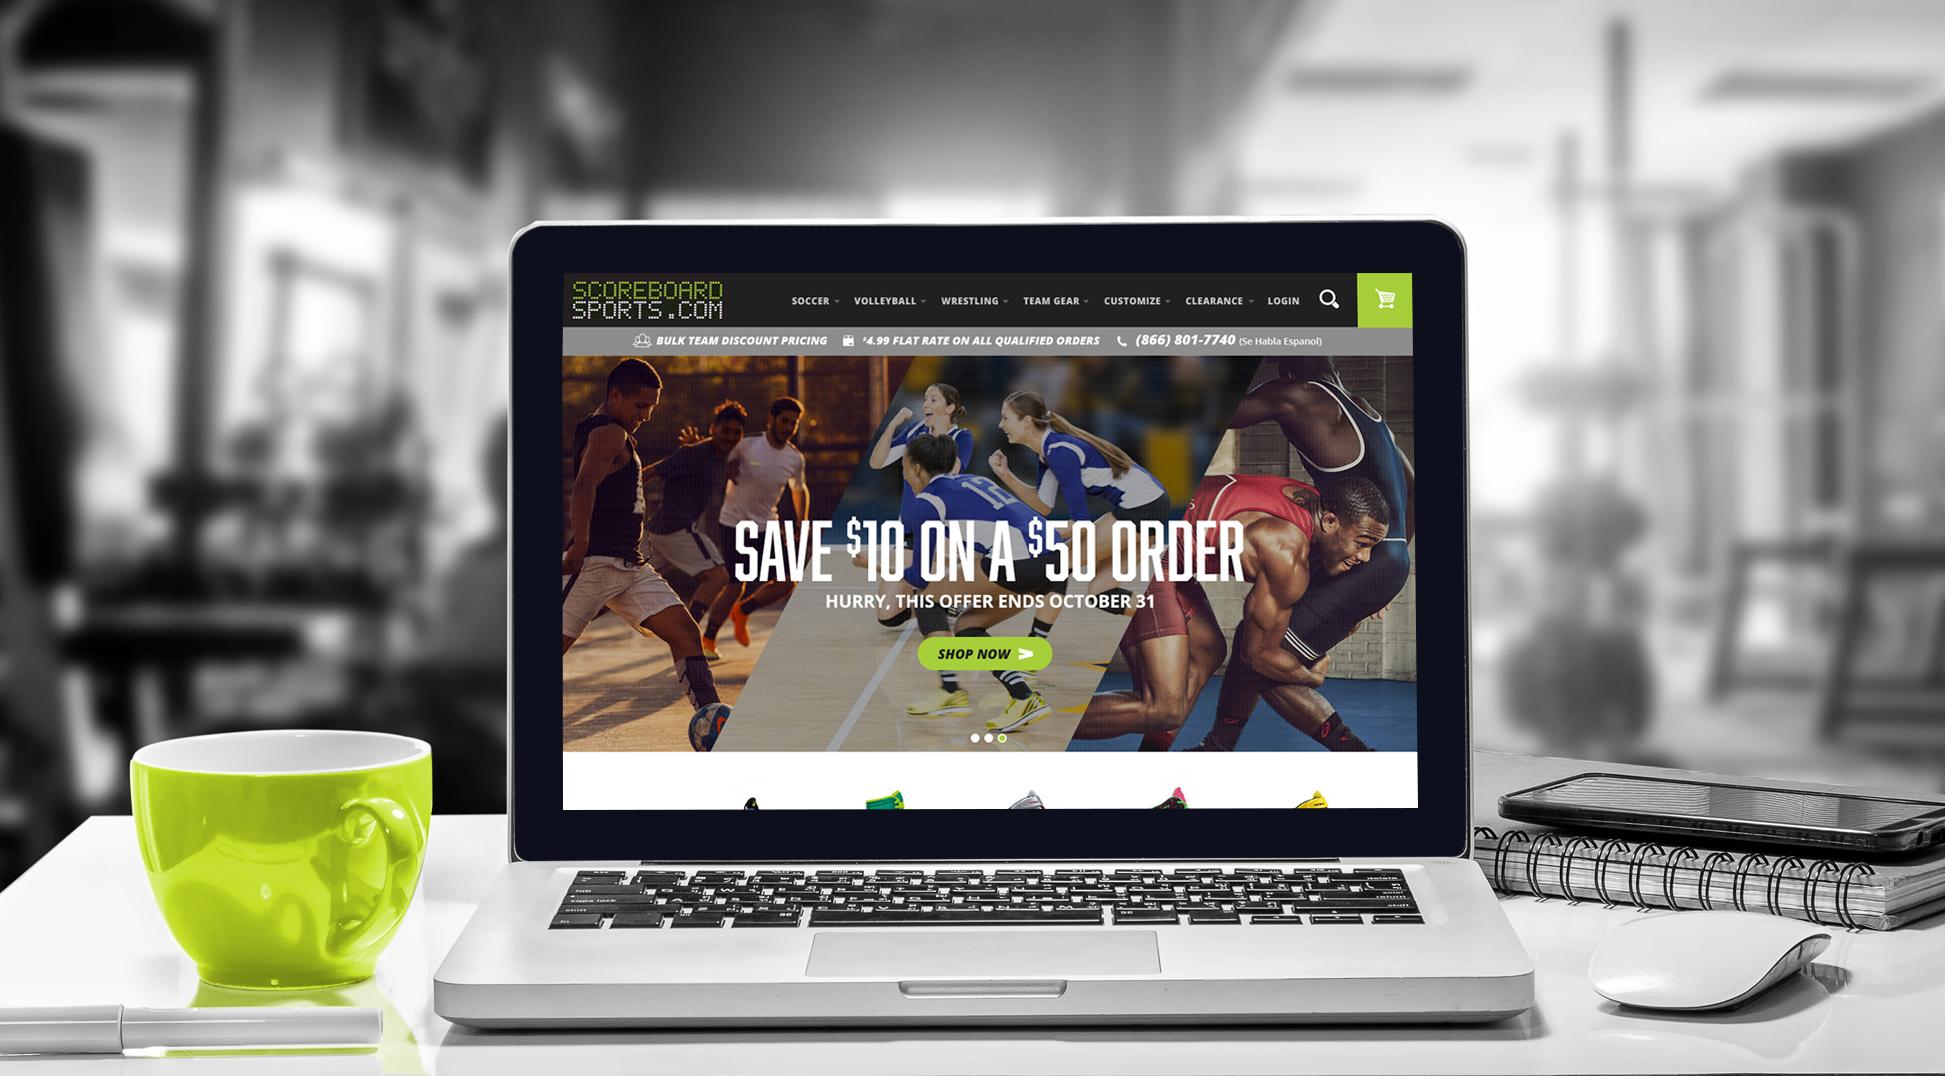 Scoreboard Sports website homepage on laptop screen